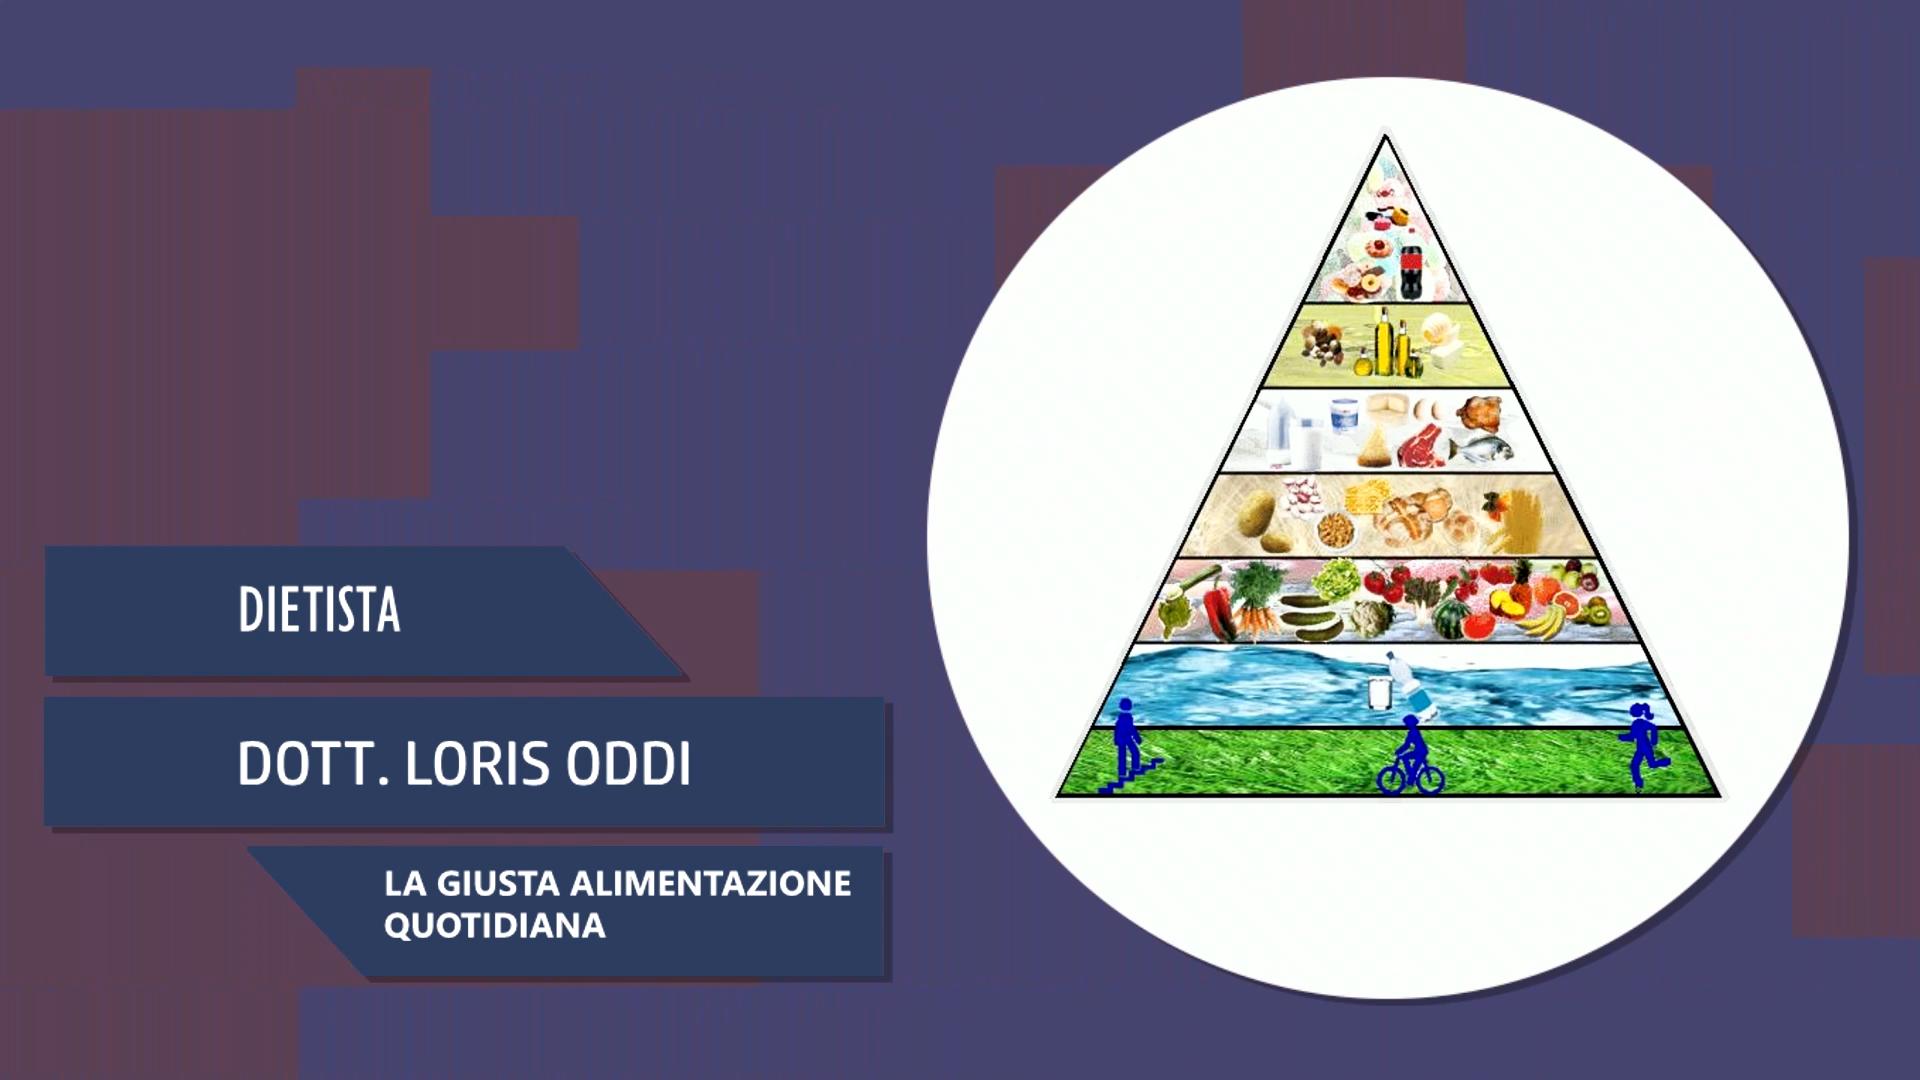 Intervista al Dott. Loris Oddi – La giusta alimentazione quotidiana